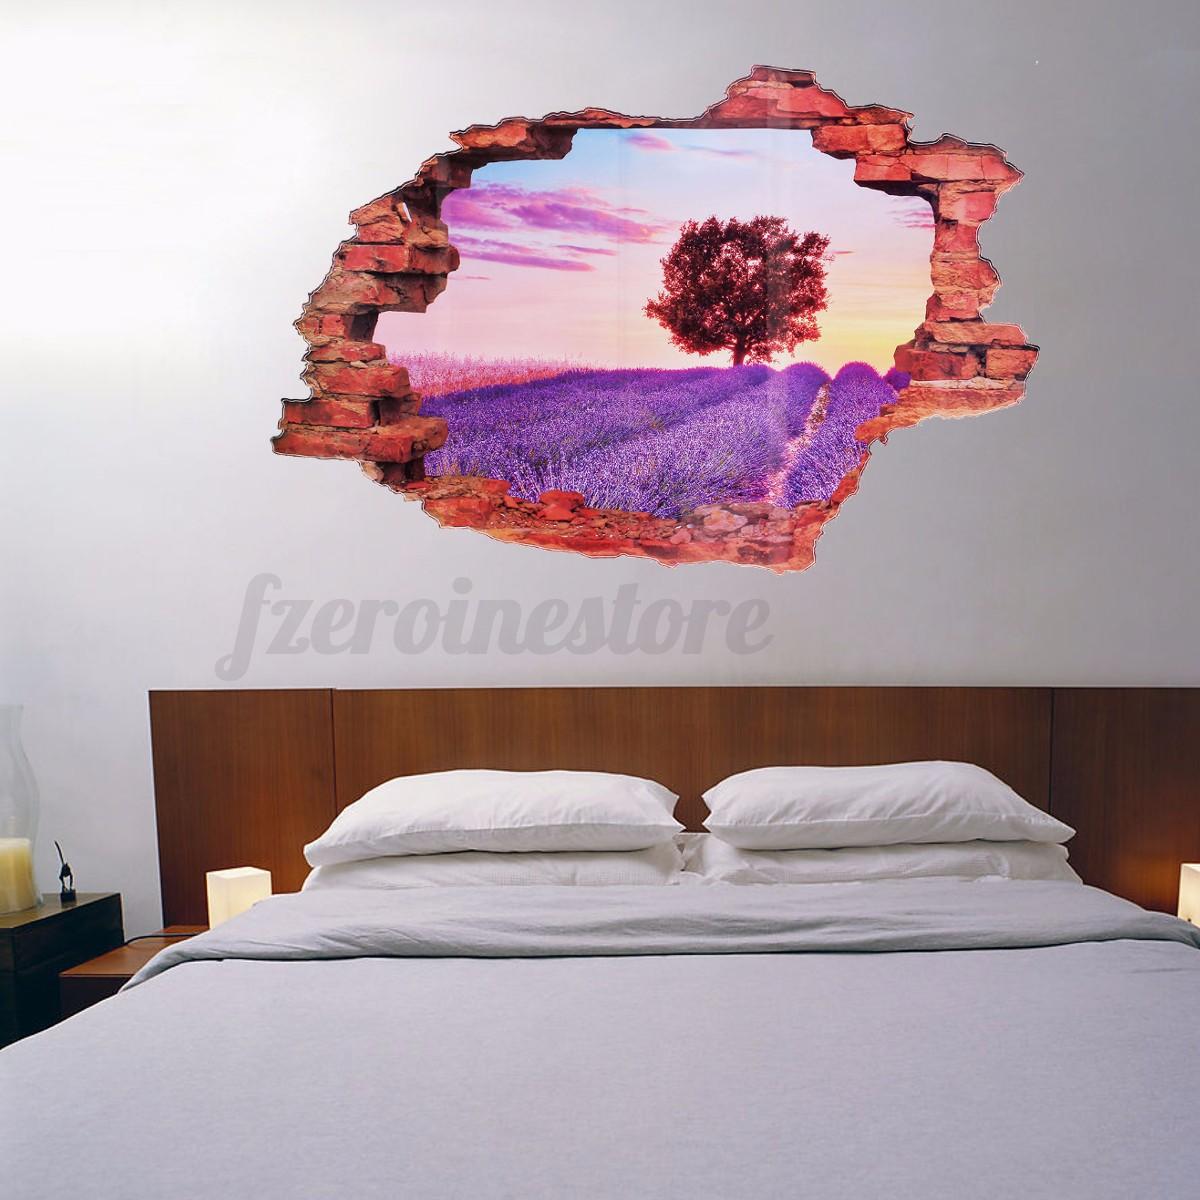 3d fenster landschaft wandtattoo wandsticker wandaufkleber kinderzimmer wandbild eur 3 97. Black Bedroom Furniture Sets. Home Design Ideas